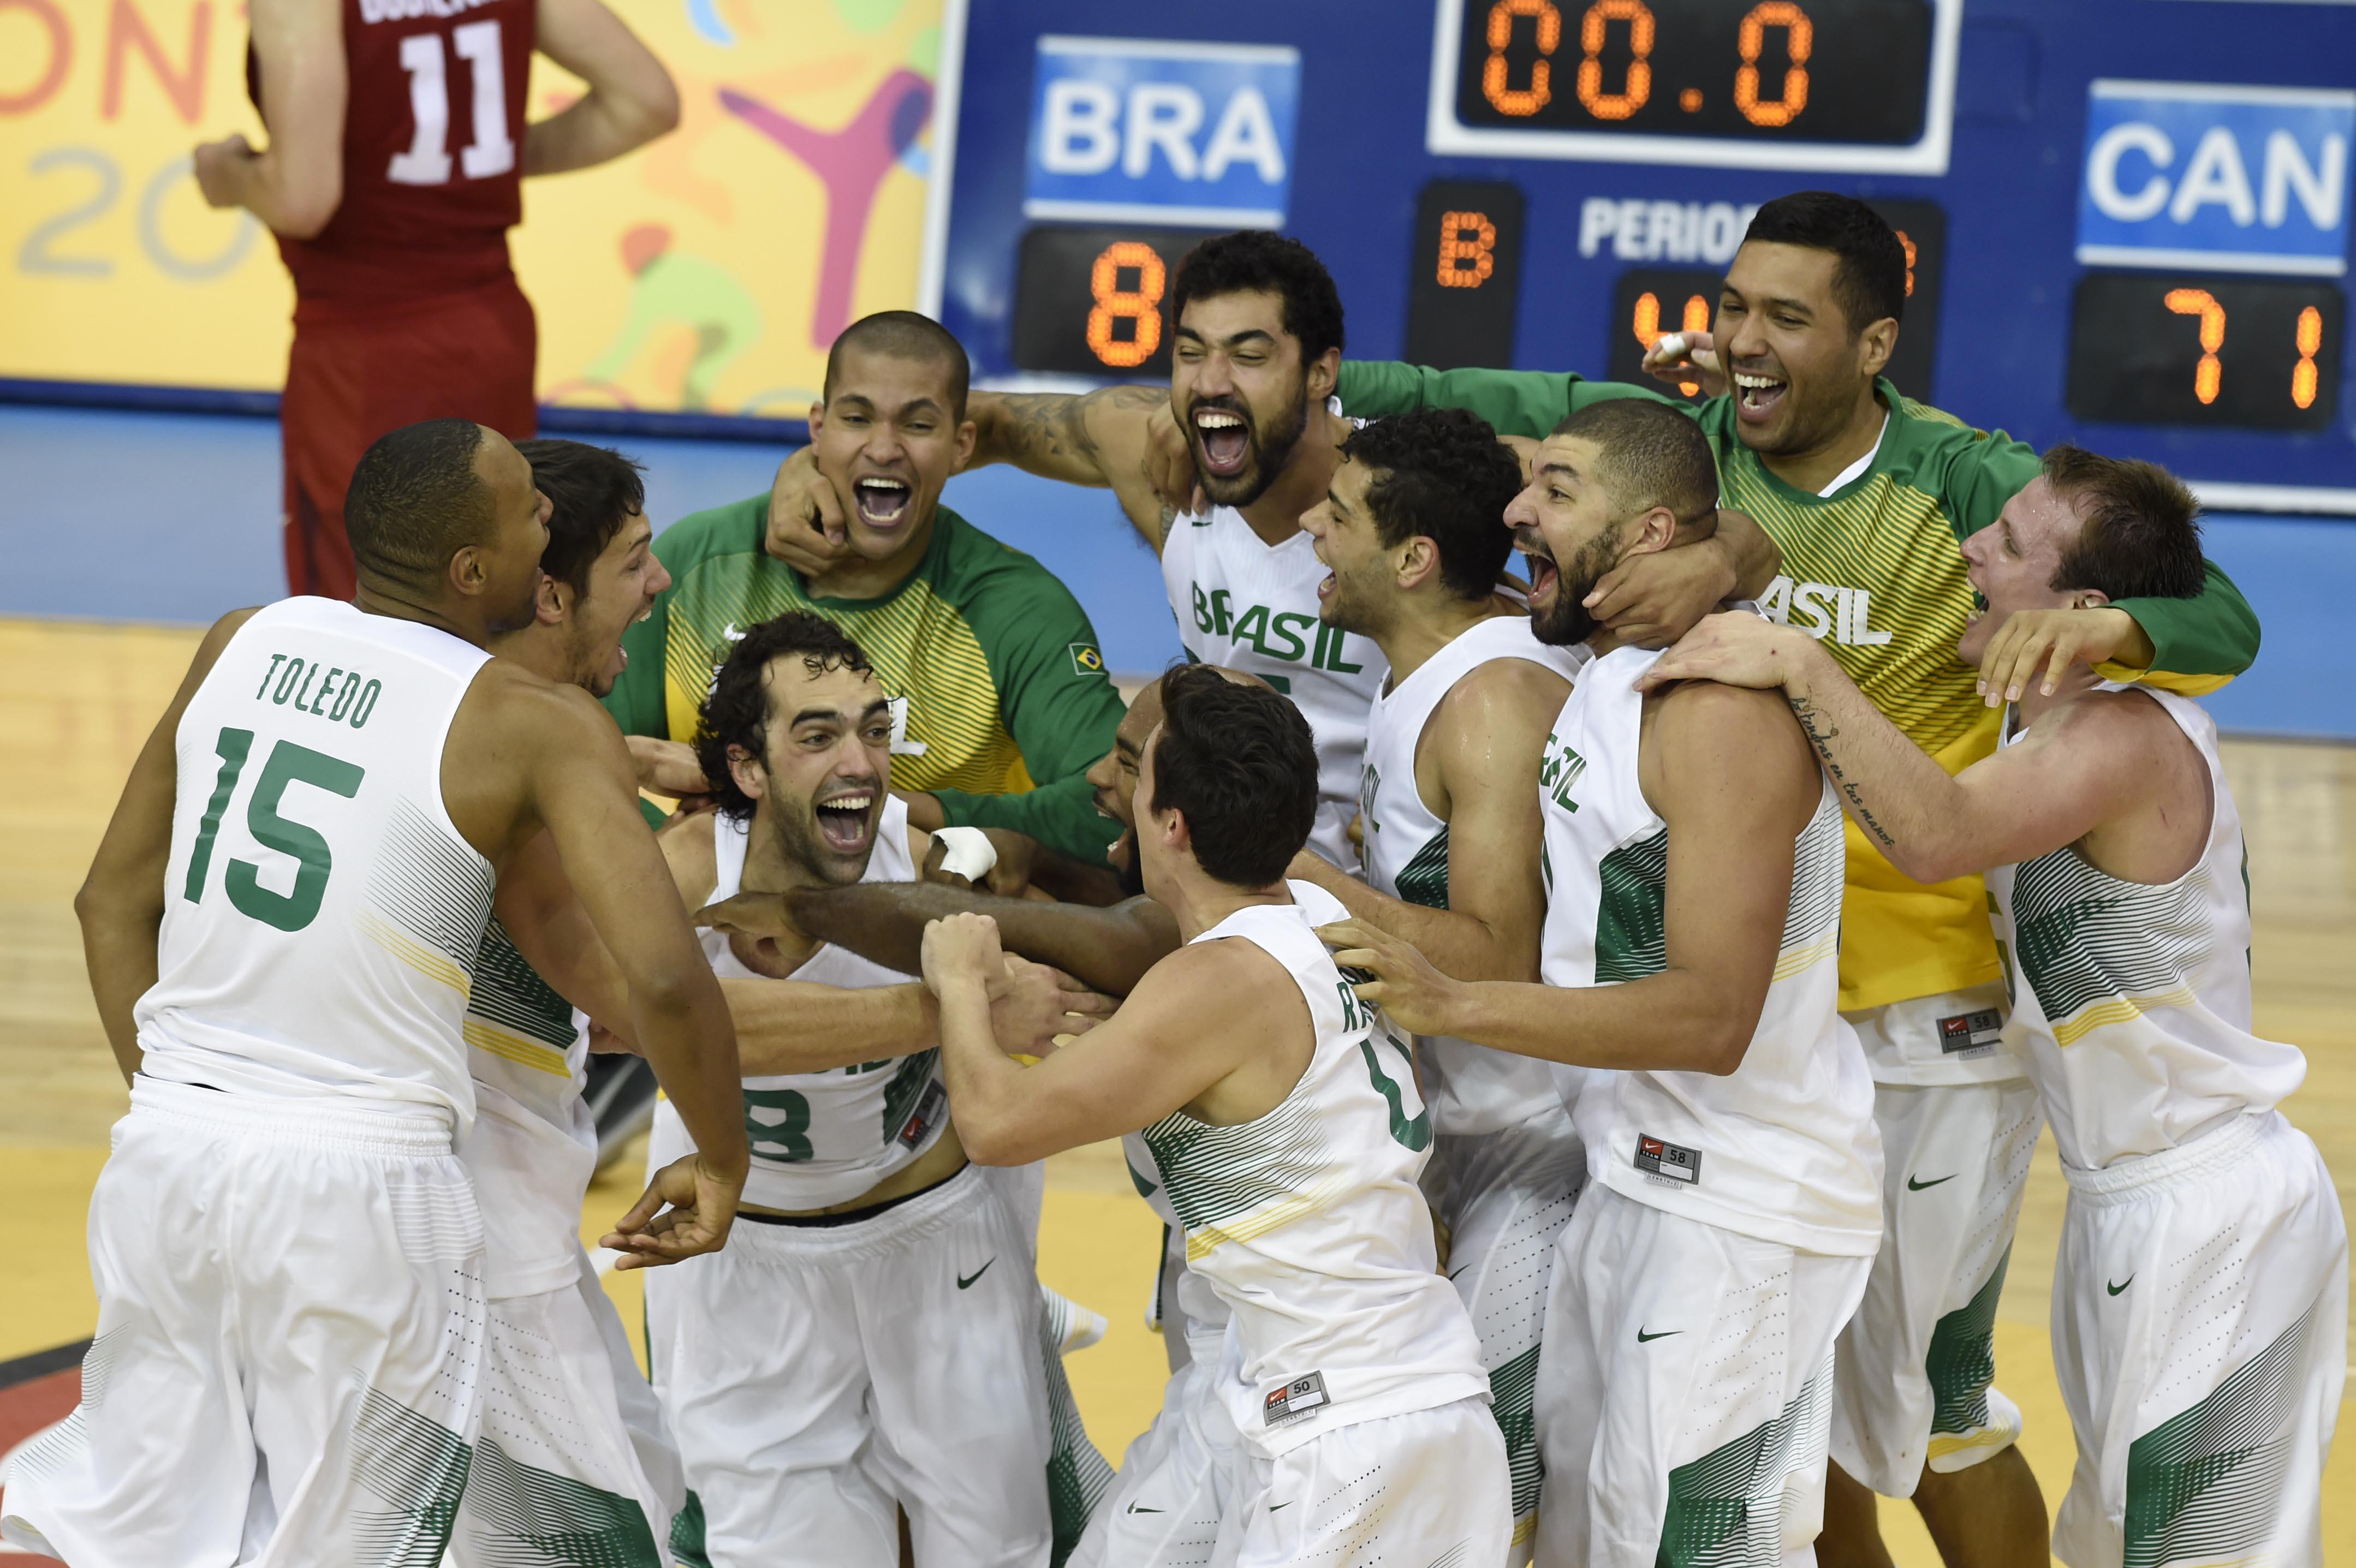 Comemoração Brasil campeão Pan de Toronto